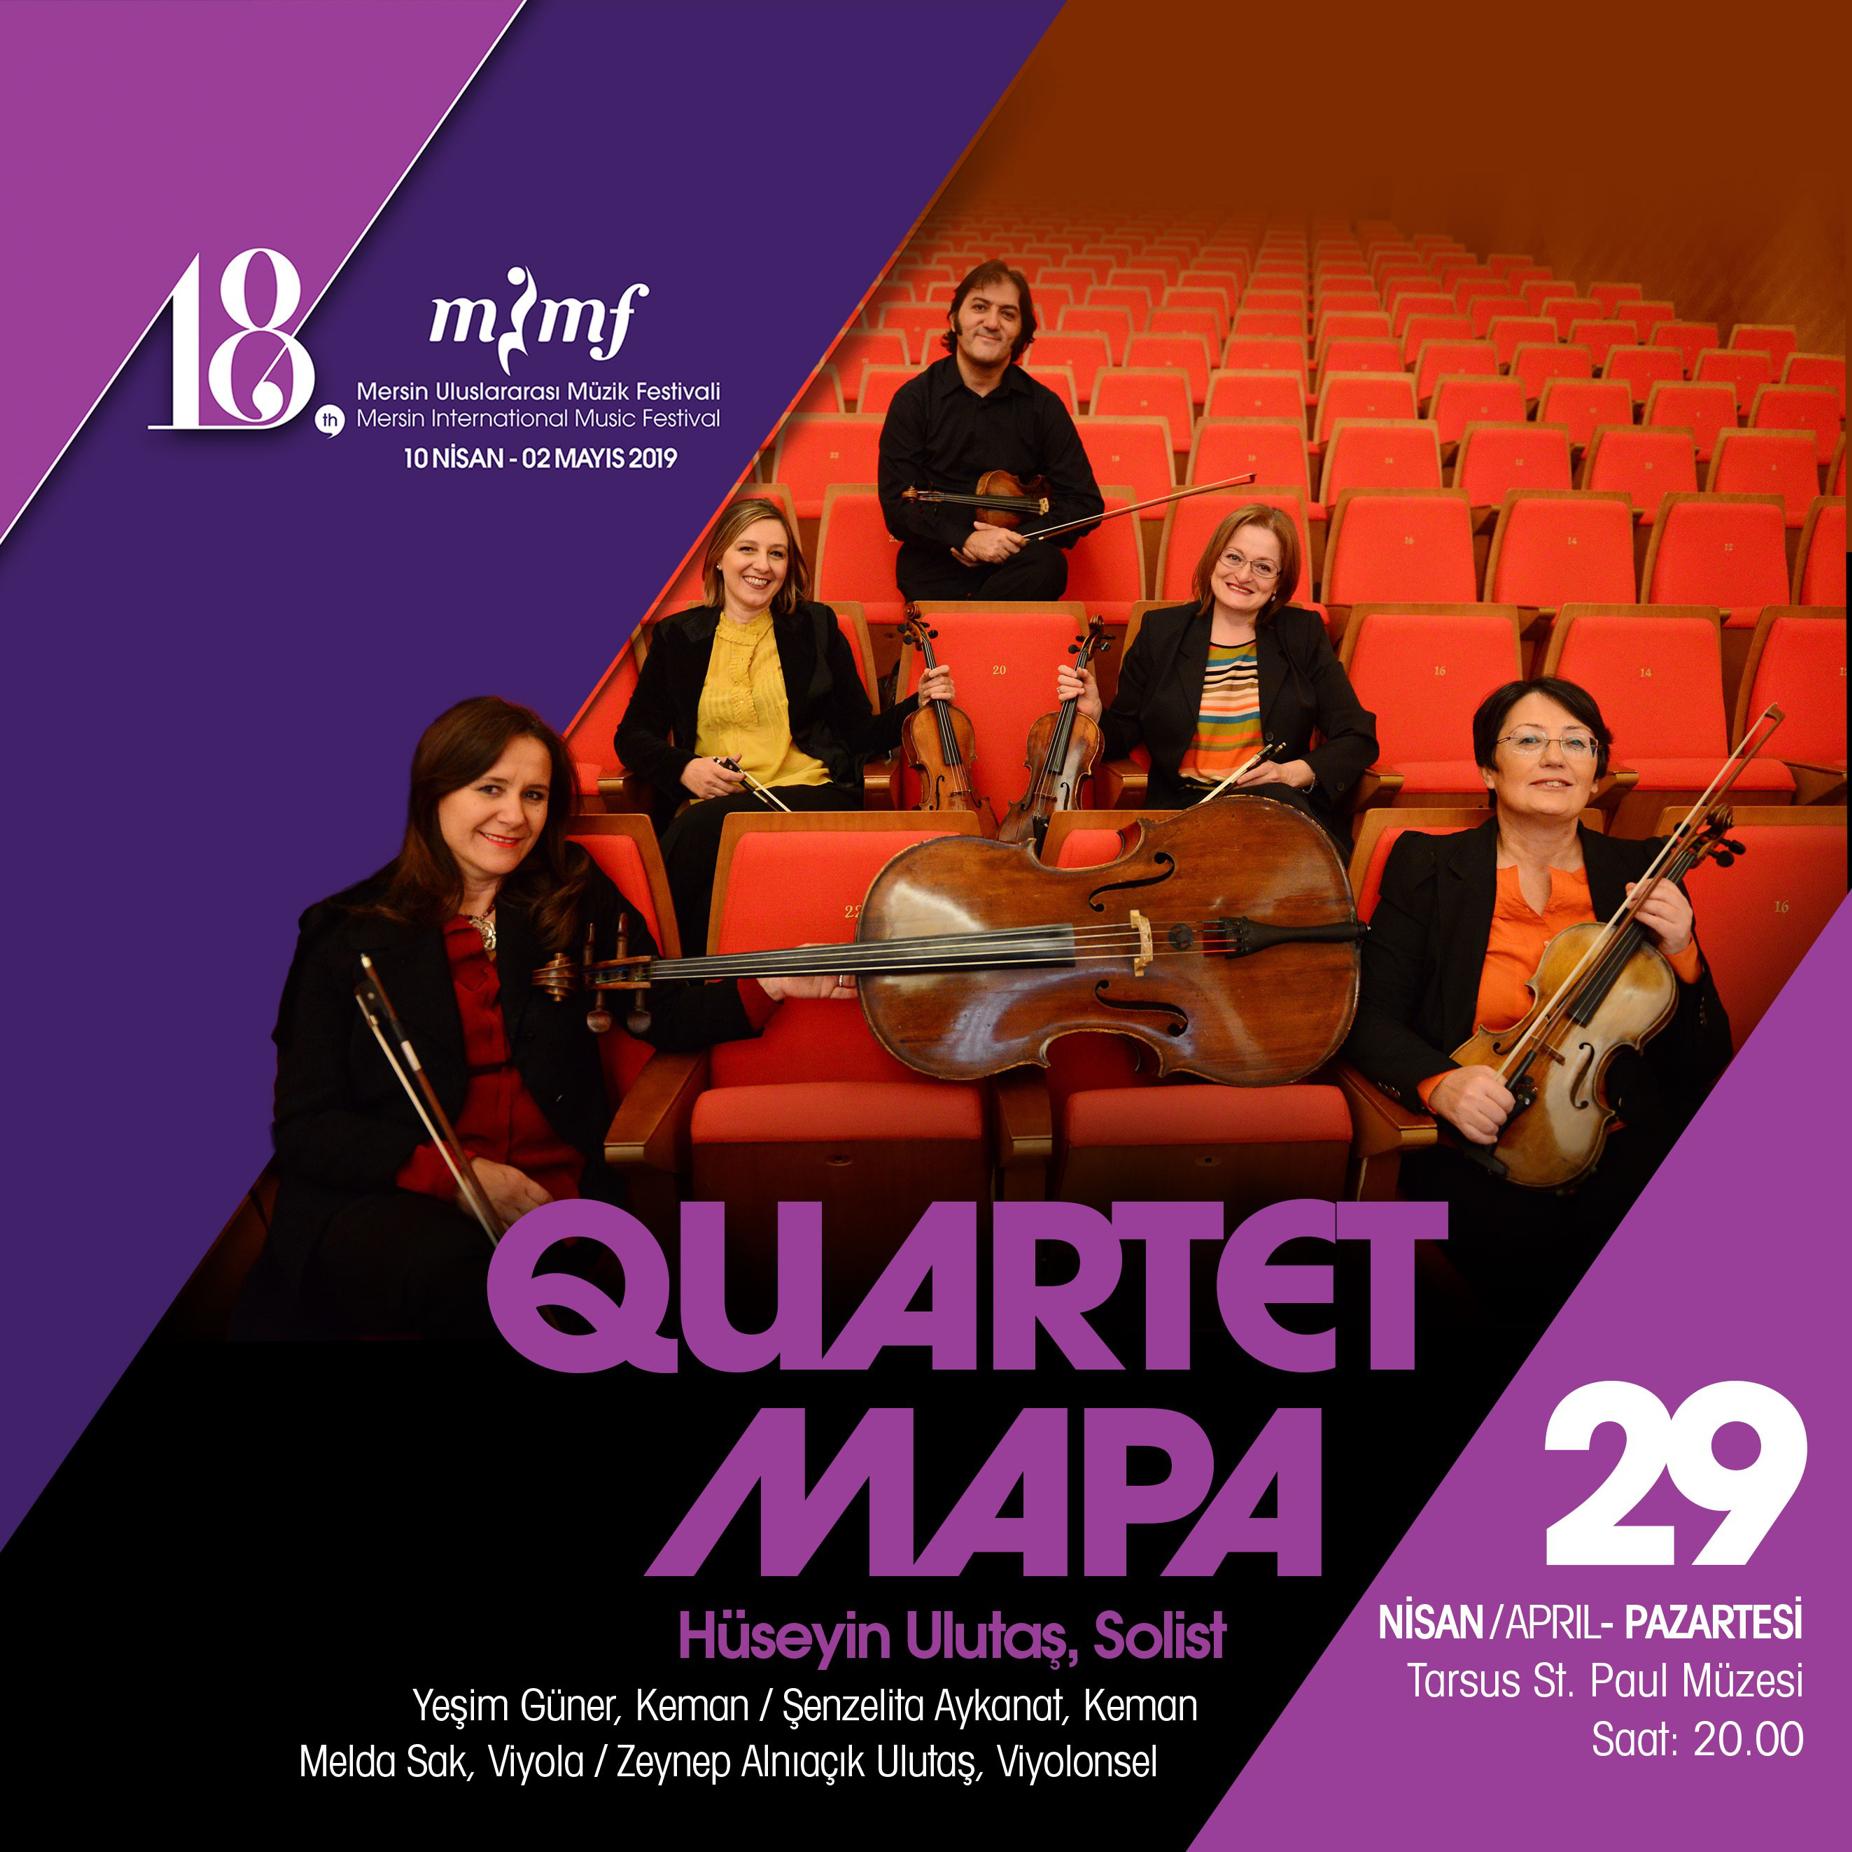 Mersin Uluslararası Müzik Festivali Quartet Mapa Konseri